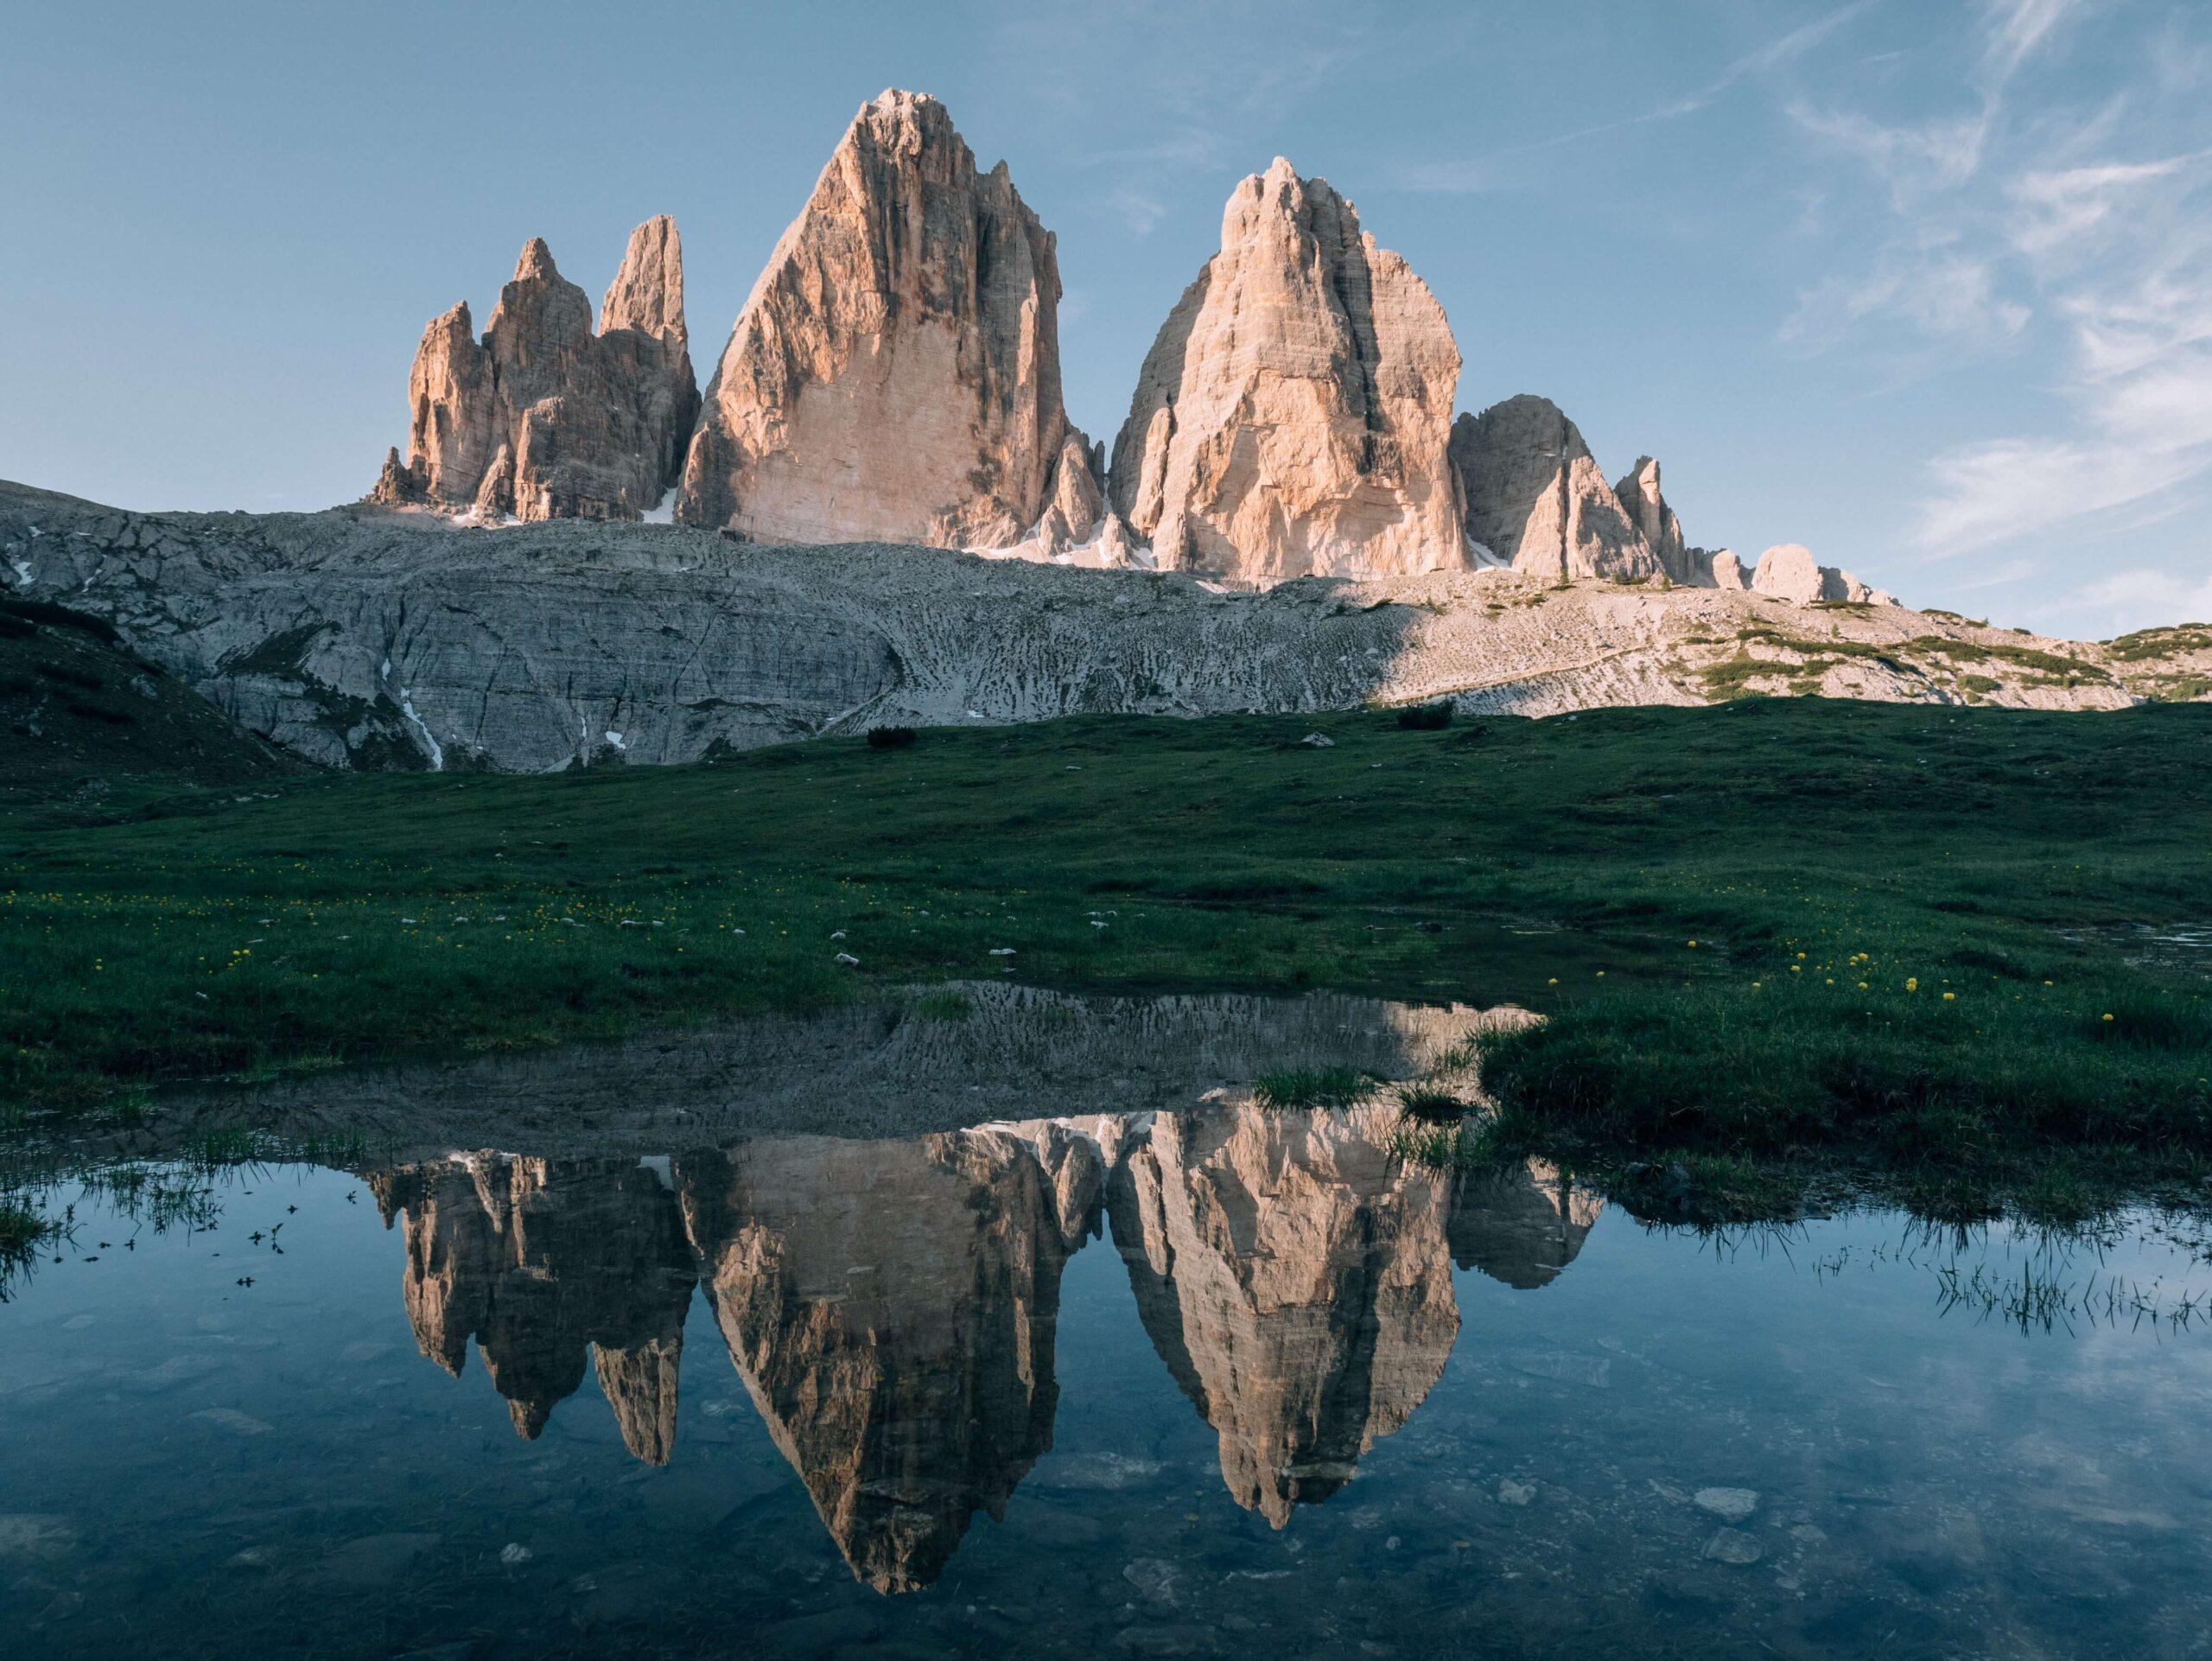 tre cime di lavaredo - italian traditions